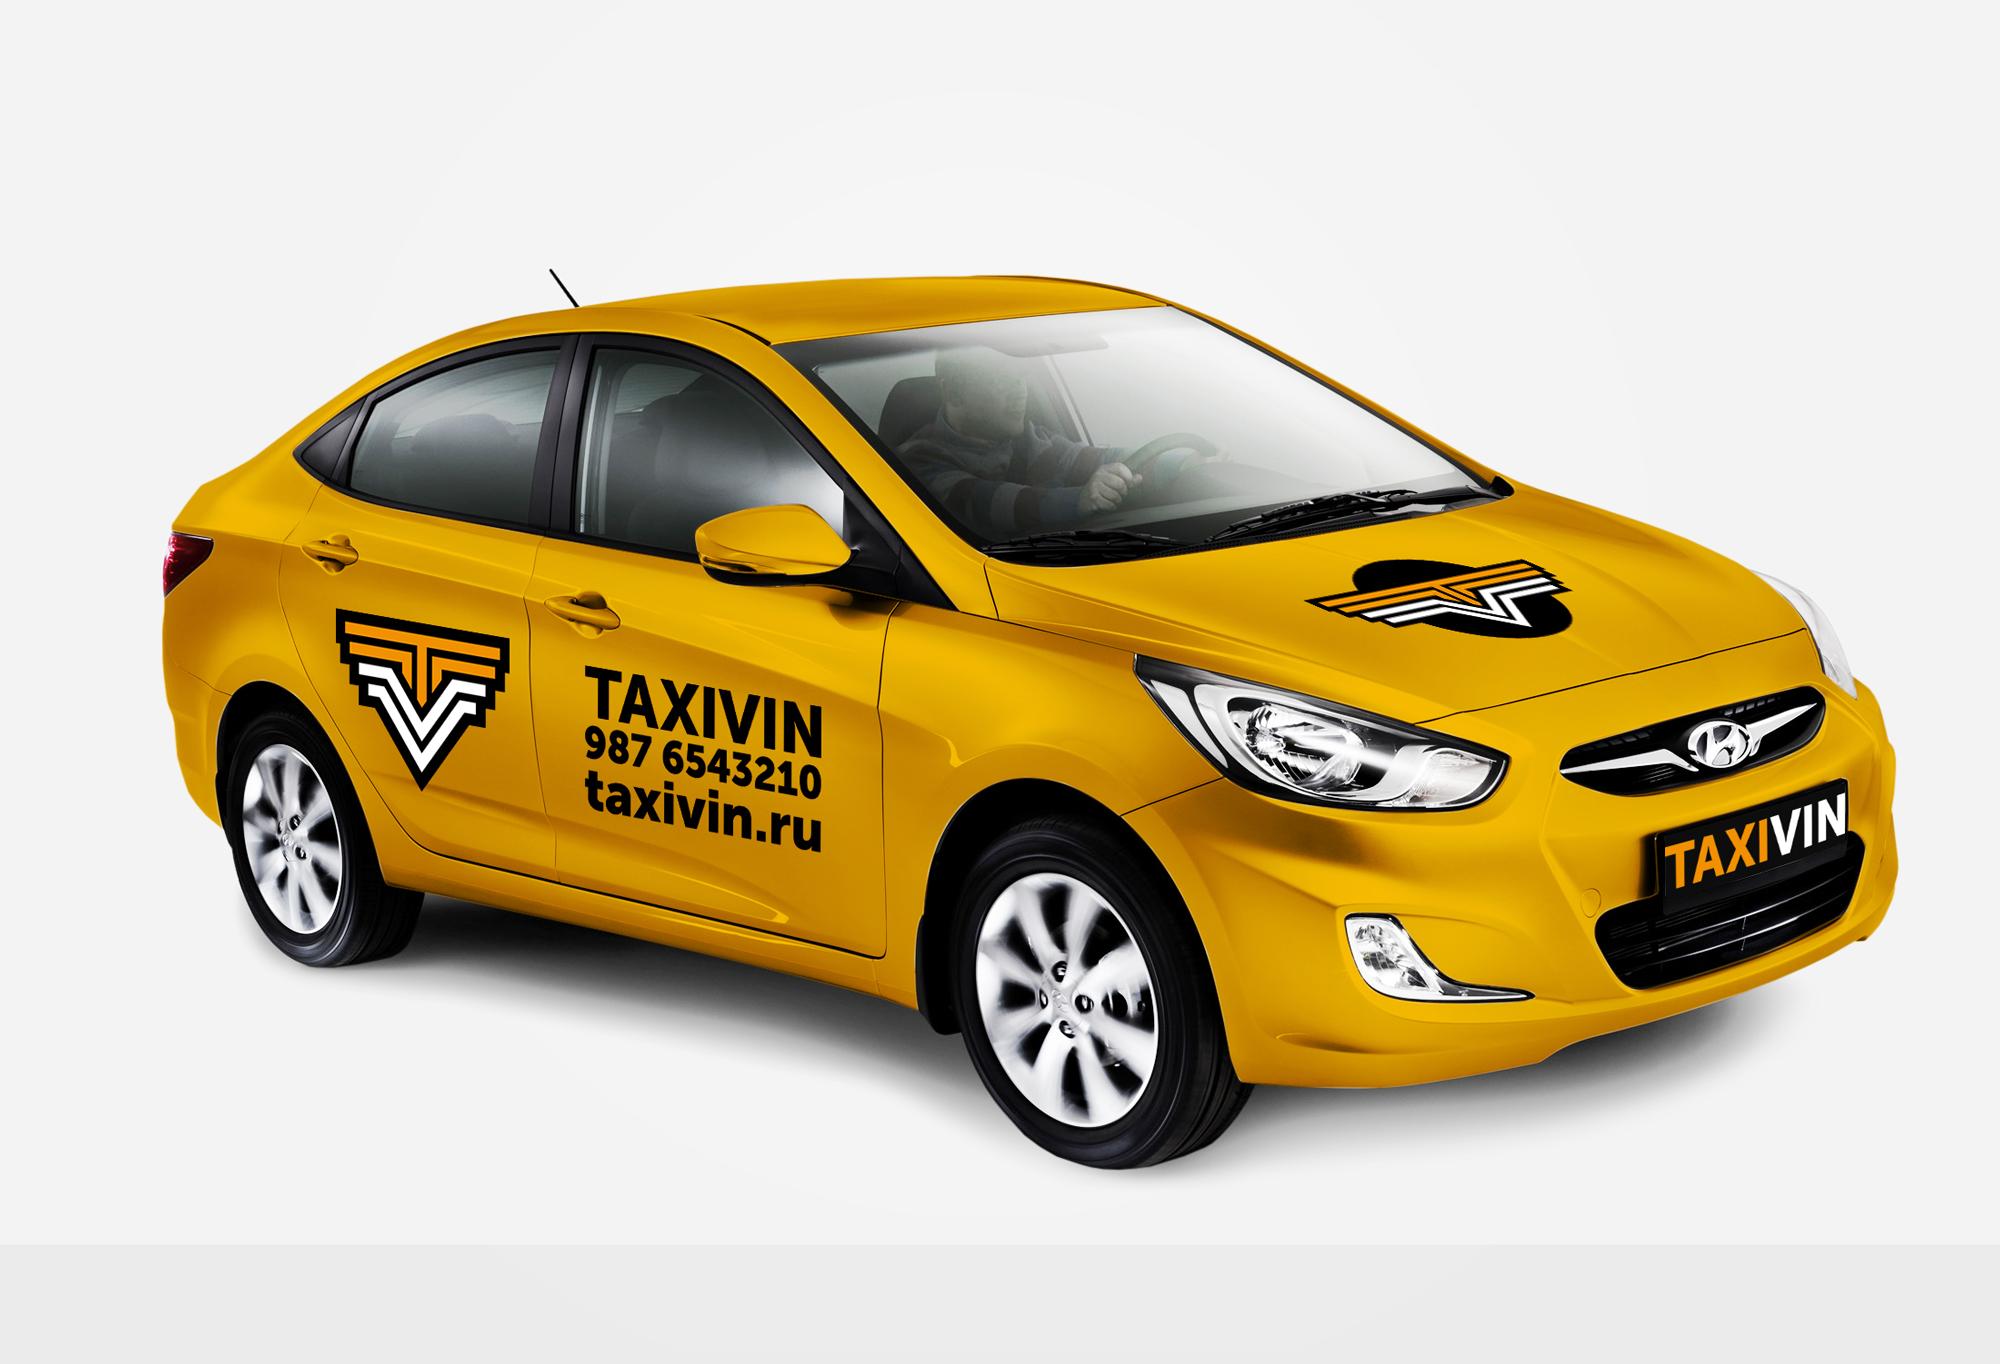 Разработка логотипа и фирменного стиля для такси фото f_0035b9e7f964143e.jpg